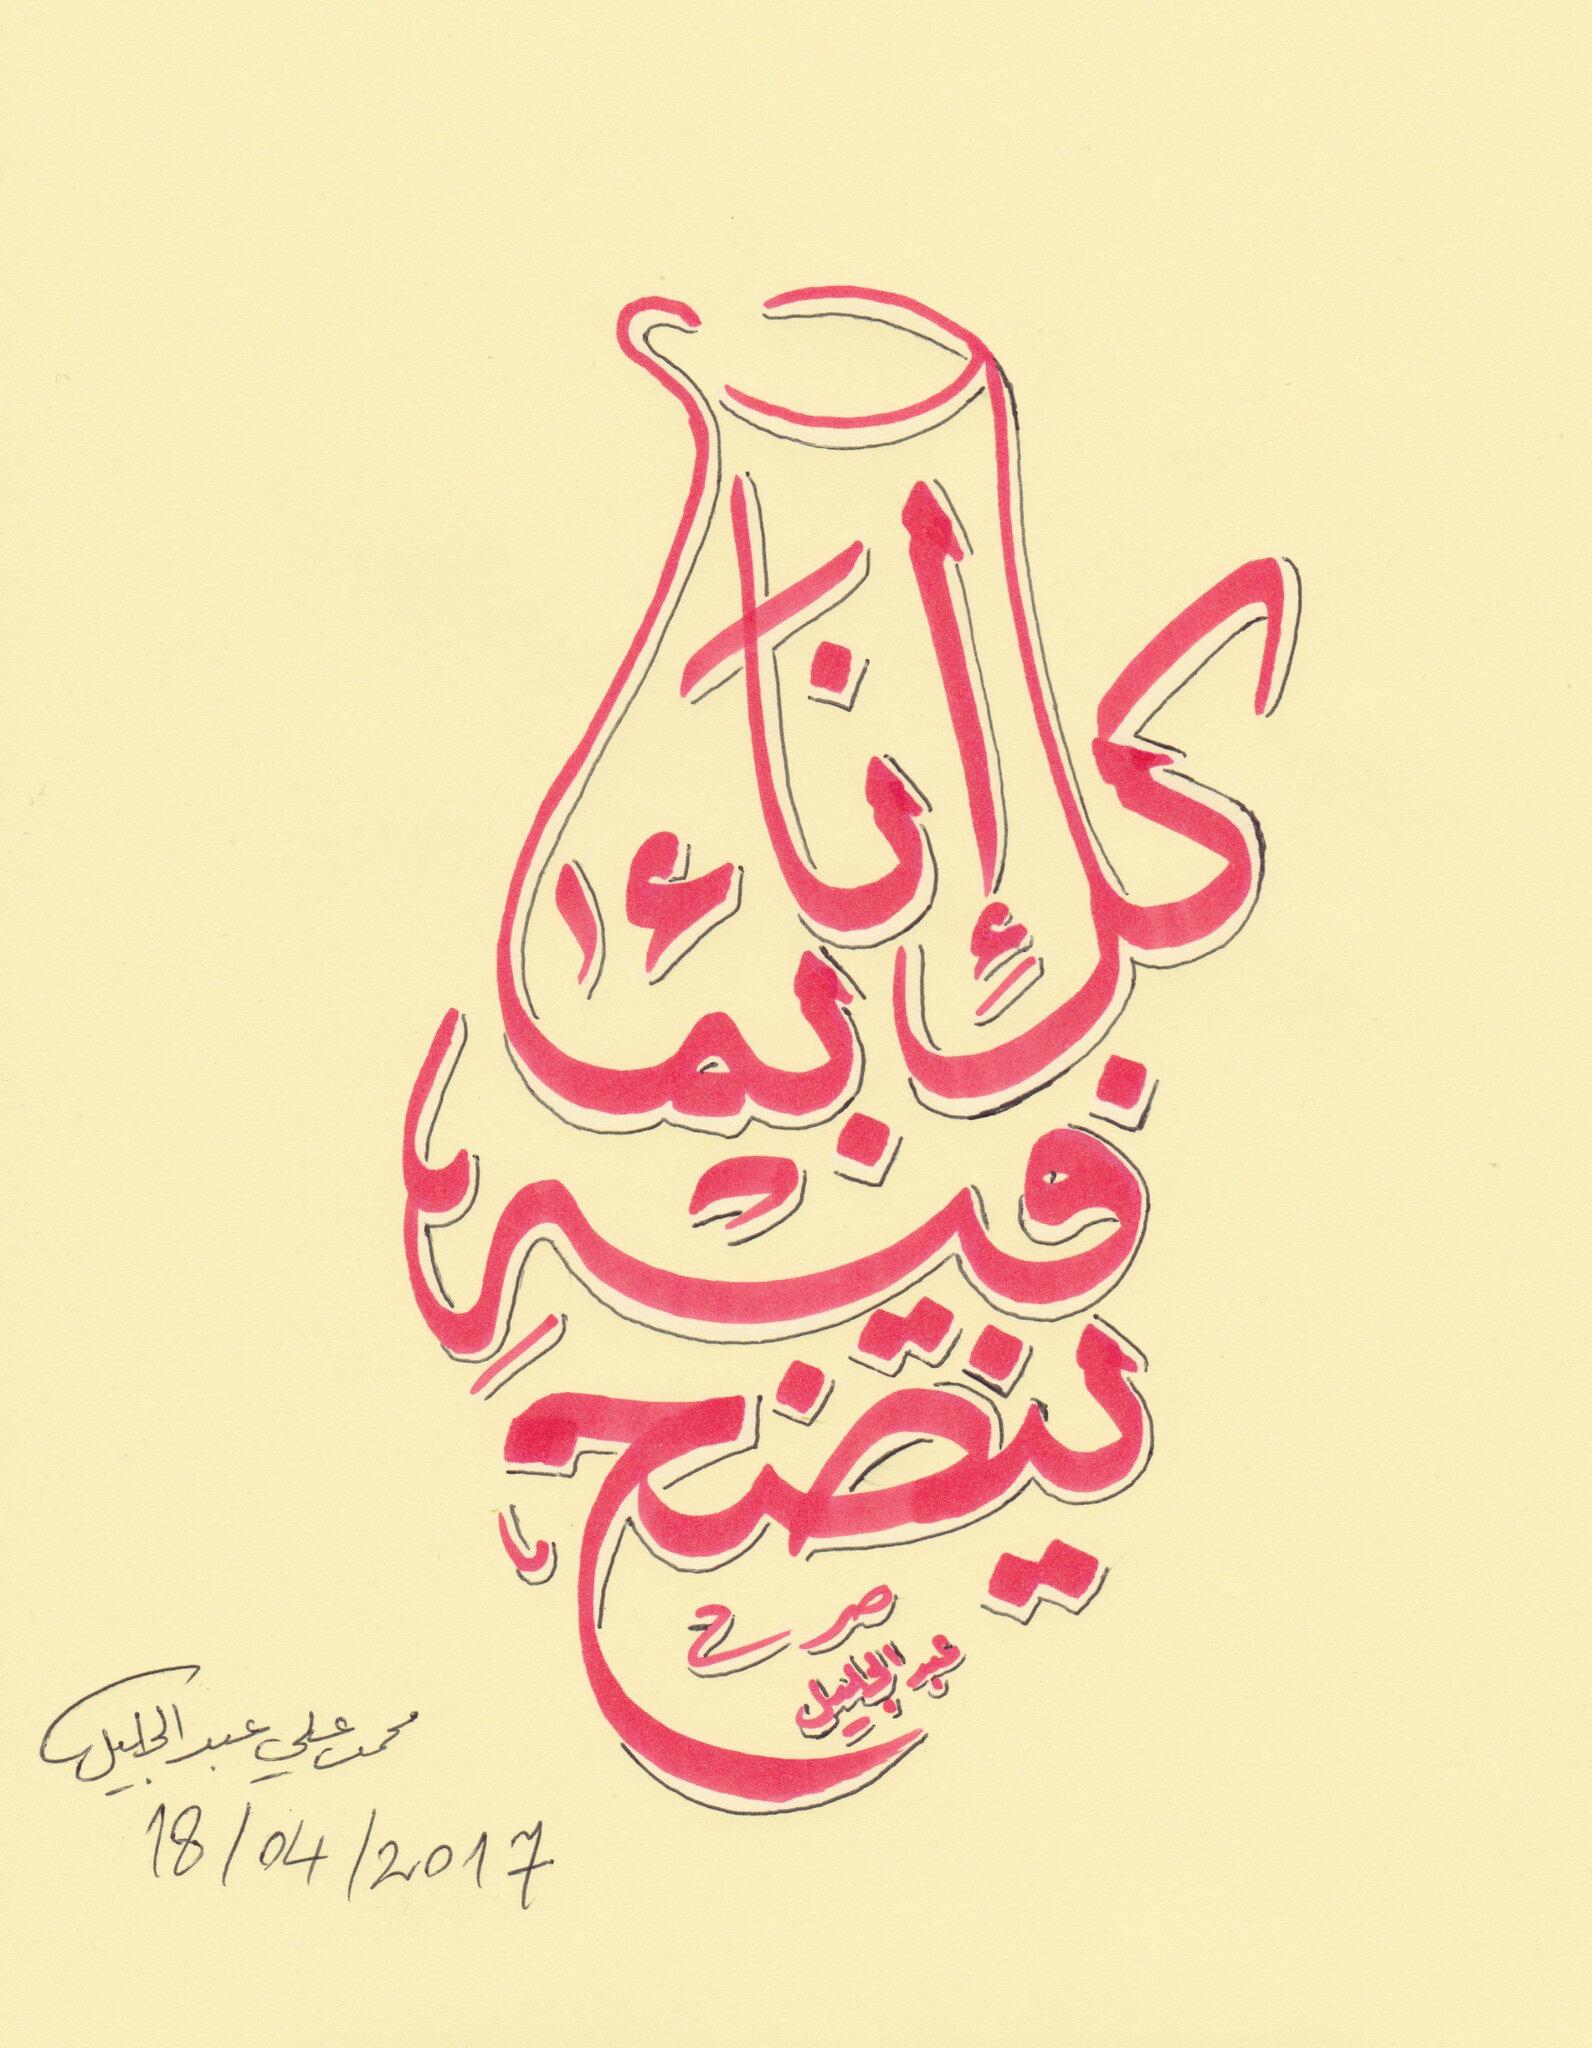 calligraphie proverbe abdel jalil كل إناء بما فيه ينضح